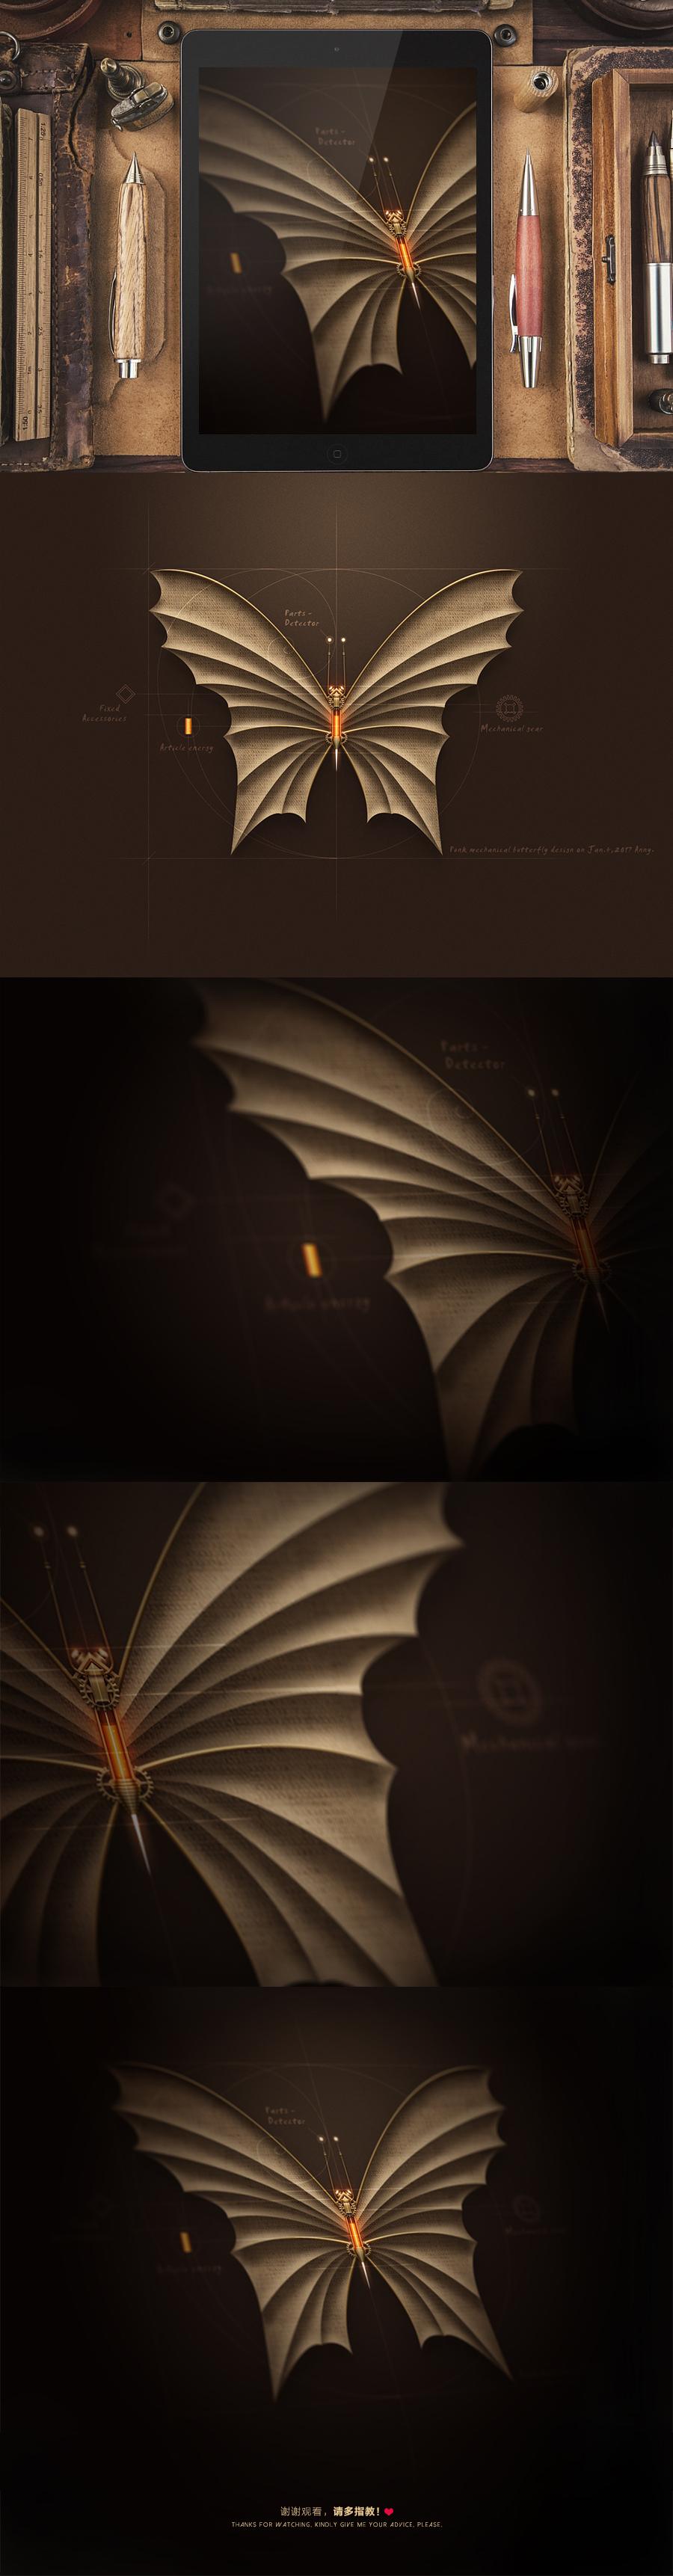 朋克机械蝴蝶效果图